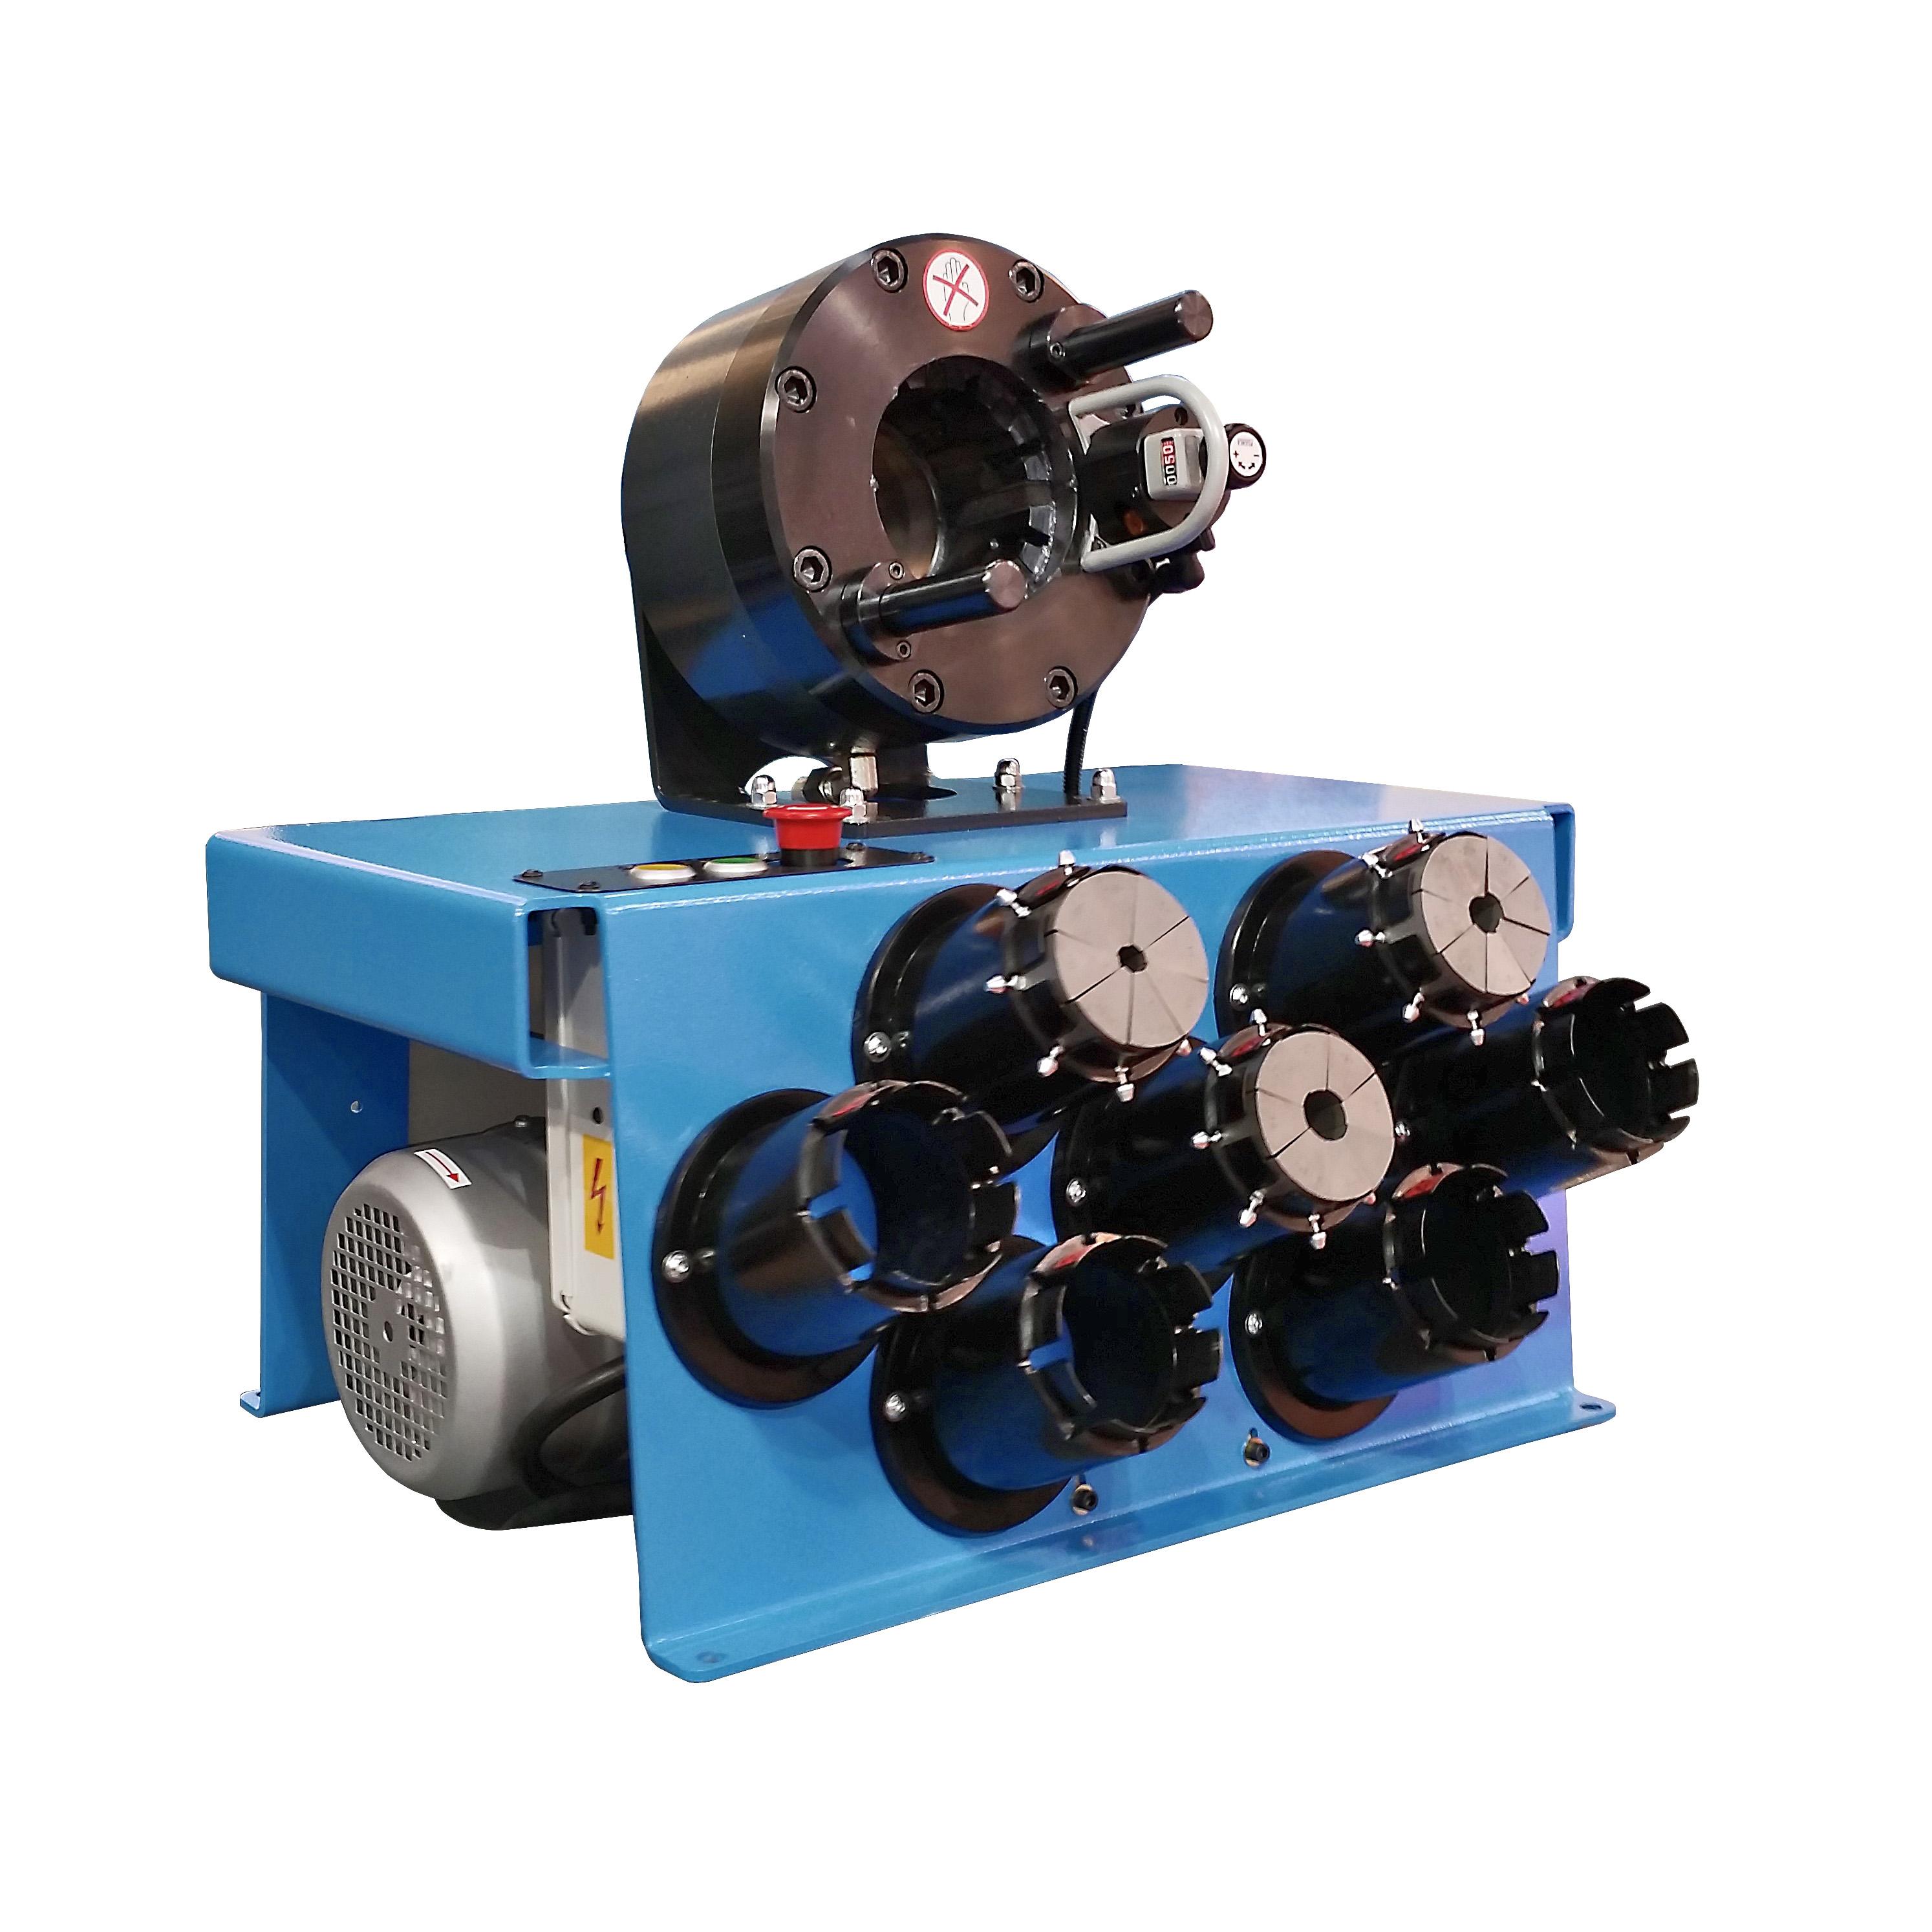 Techmaflex S Crimp 137 elektromos tömlõprés, tömlõroppantó, hidraulika tömlõ gyártó gép